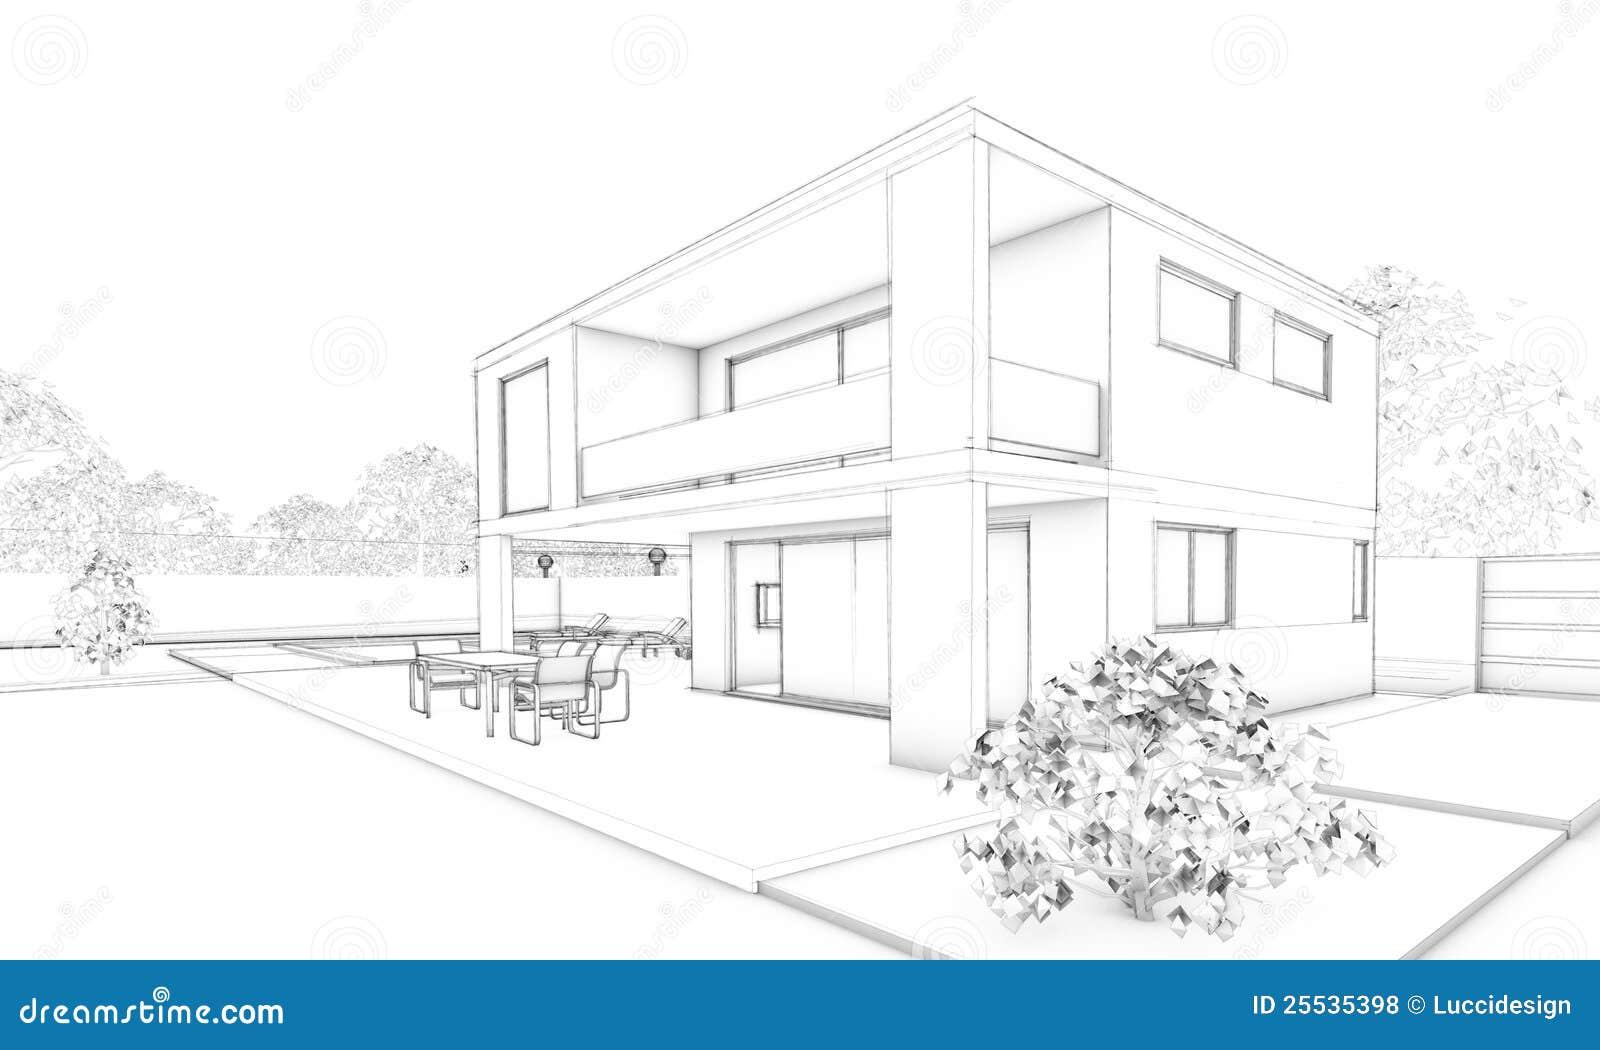 Croqui Maison : Croquis de maison moderne villa terrasse et jardin